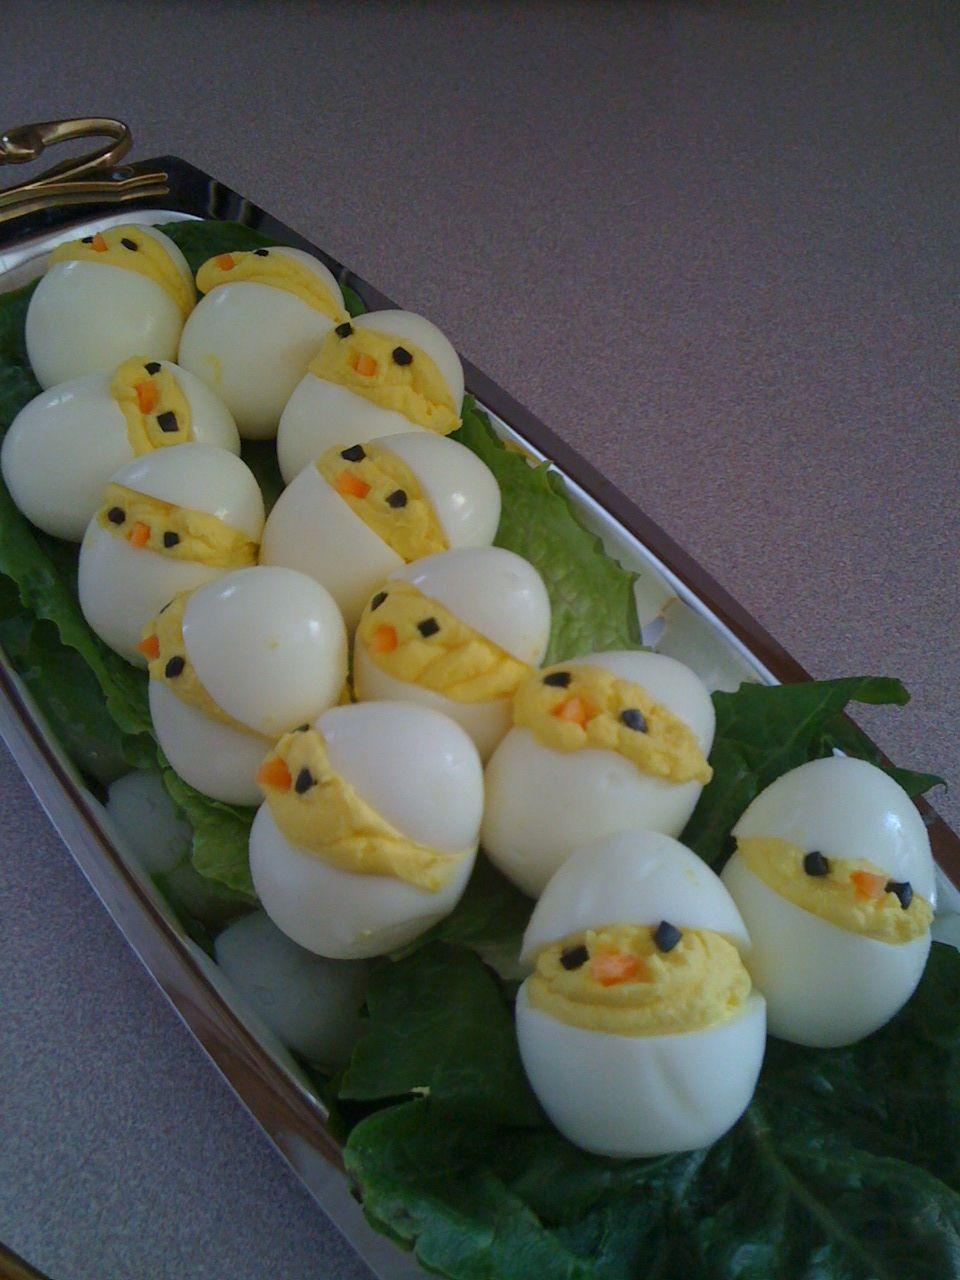 Chick deviled eggs - Easter dinner fun